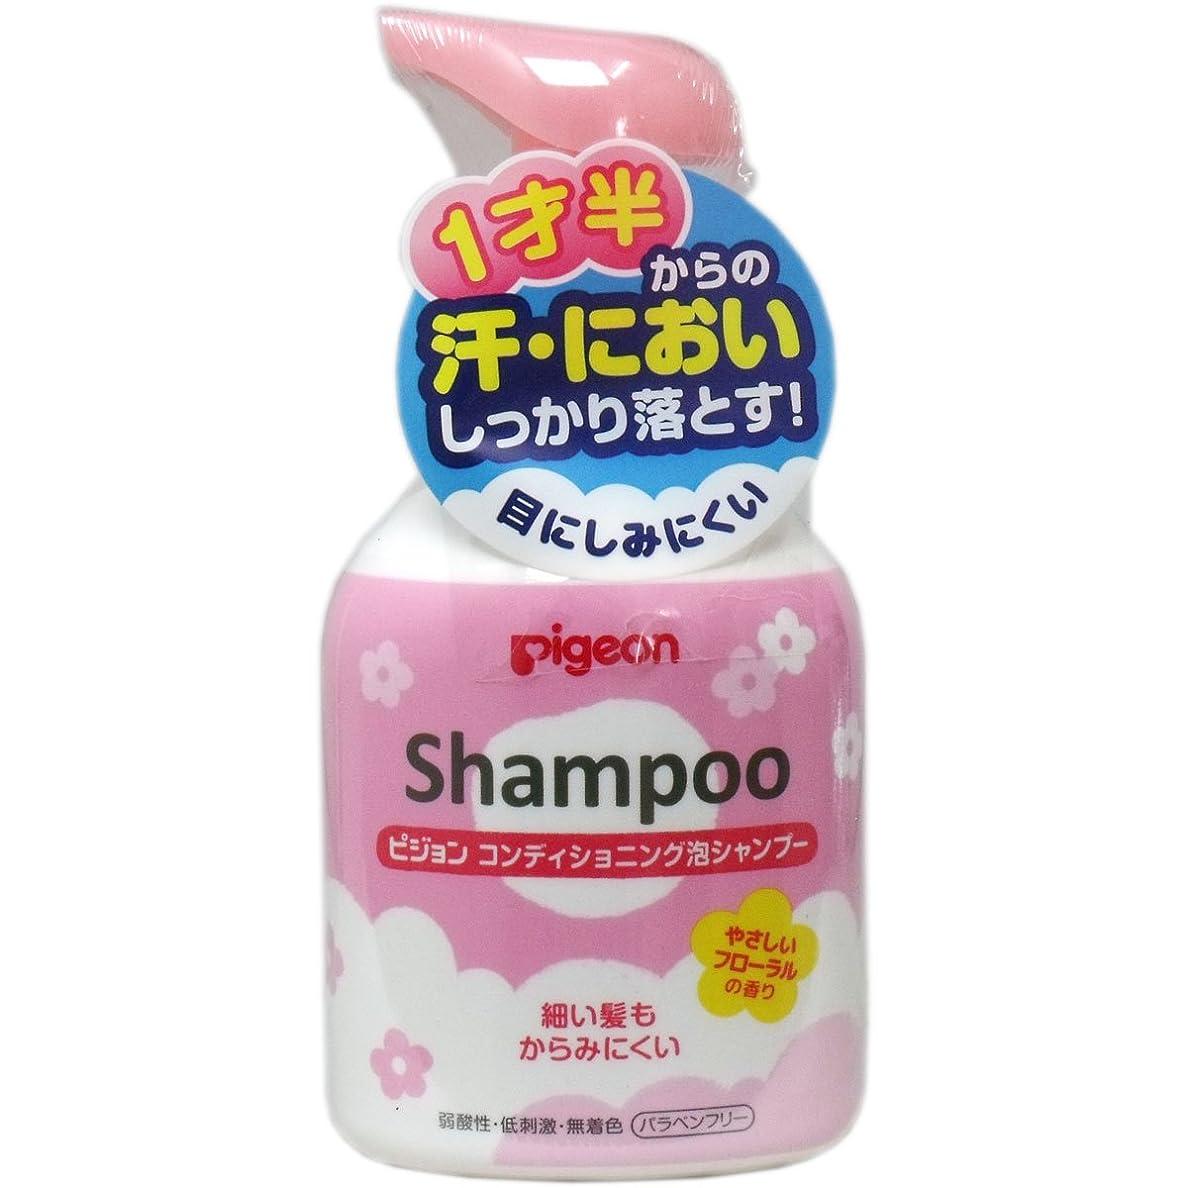 年金受給者比較反動ピジョン ピジョン コンディショニング泡シャンプー やさしいフローラルの香り 350ml ×10点セット(4902508083133)